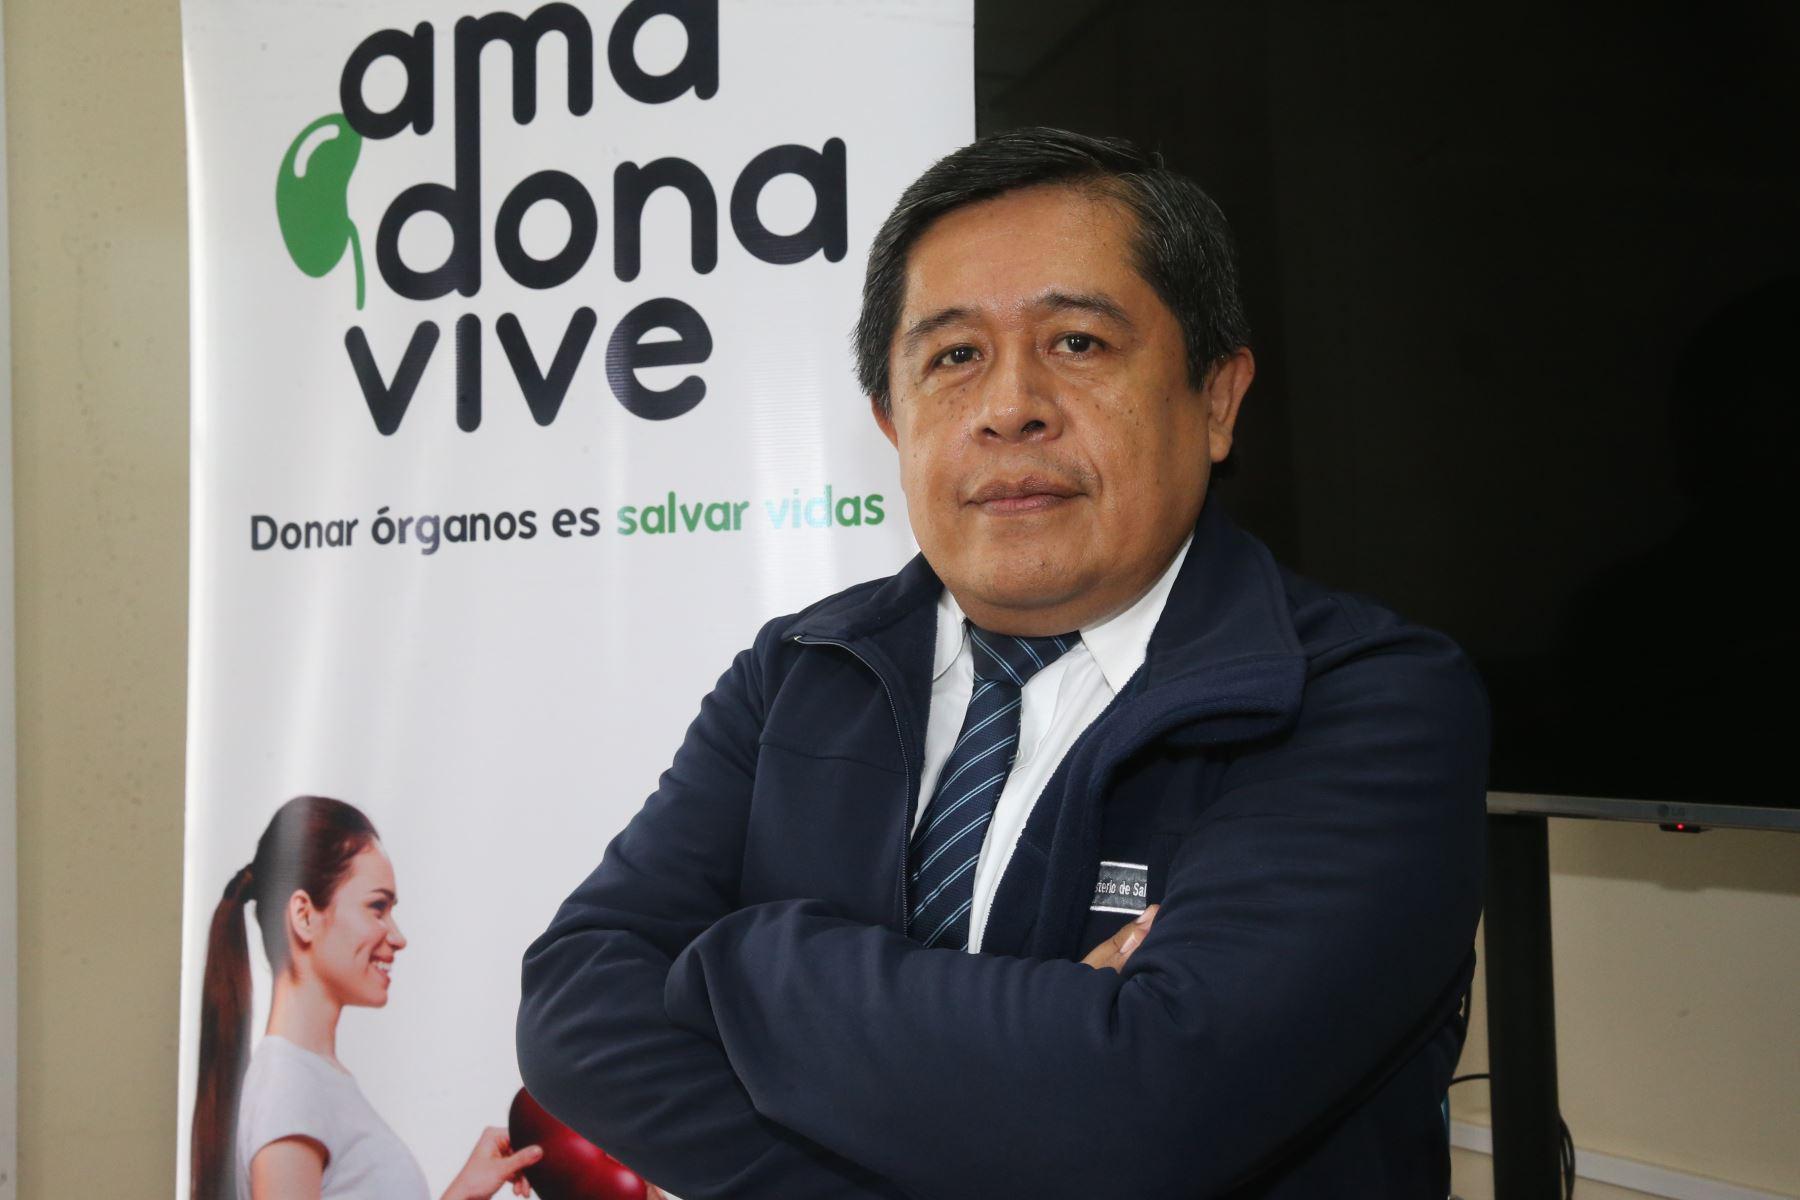 Almeyda es director de Donación y Trasplante de Órganos del Minsa, servidor público de carrera, gerente público, médico emergencista. Foto: ANDINA/Jhony Laurente